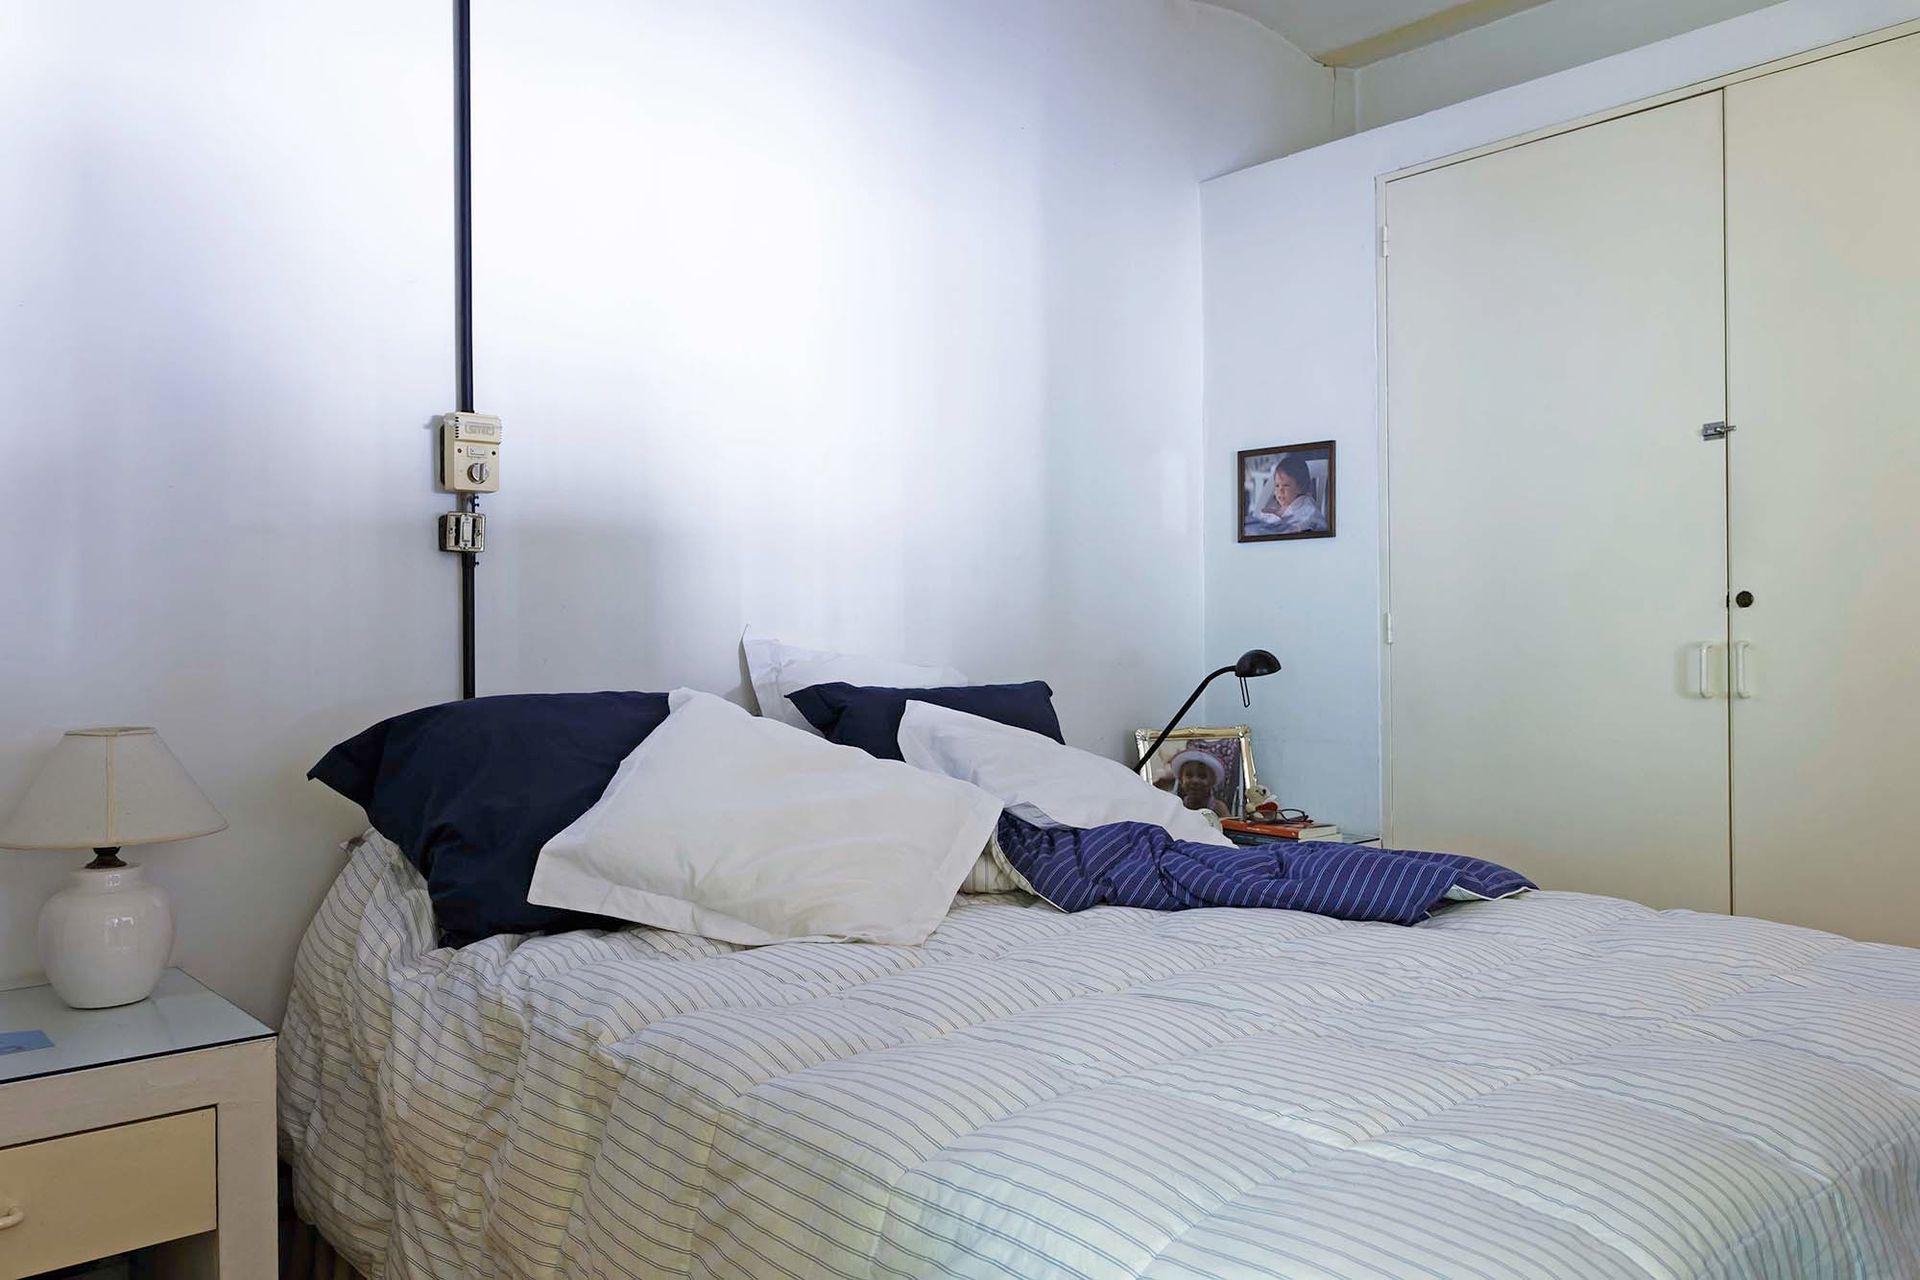 En la planta alta está la suite principal. El ambiente se resolvió con pocos elementos: ropa de cama en blanco, mesas de luz a tono, y almohadones en negro para contrastar.